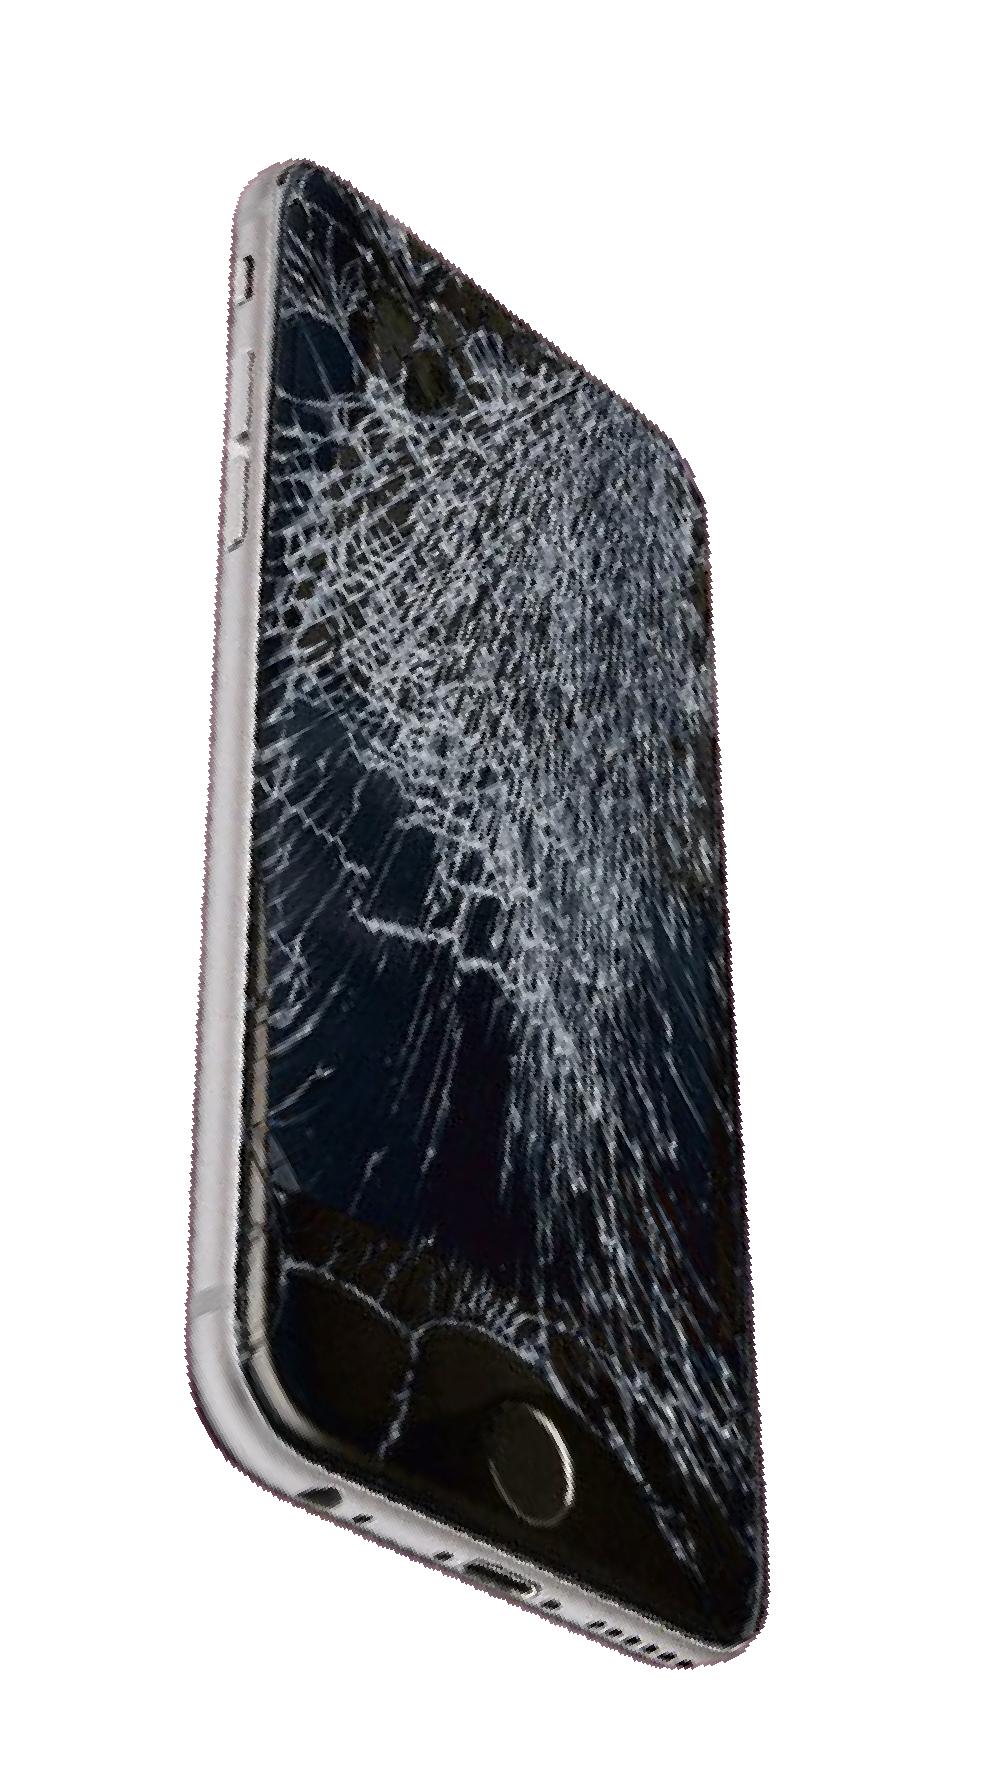 Servis mobilnih telefonov vseh znamk maribor